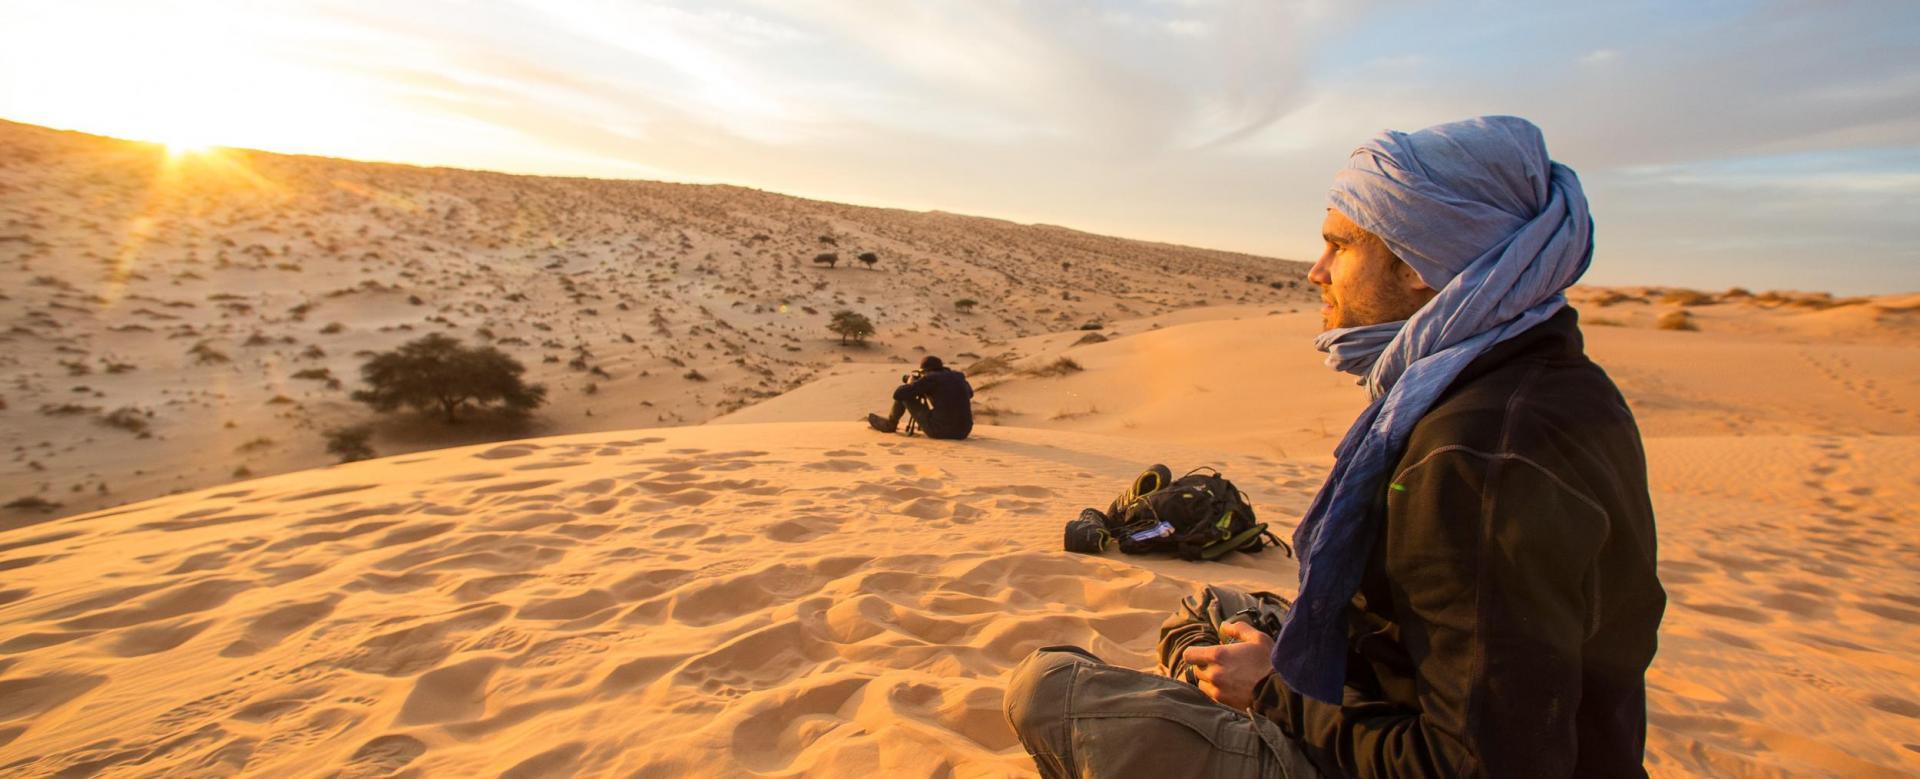 Voyage à pied Mauritanie : Grande traversée de ouadane à terjit